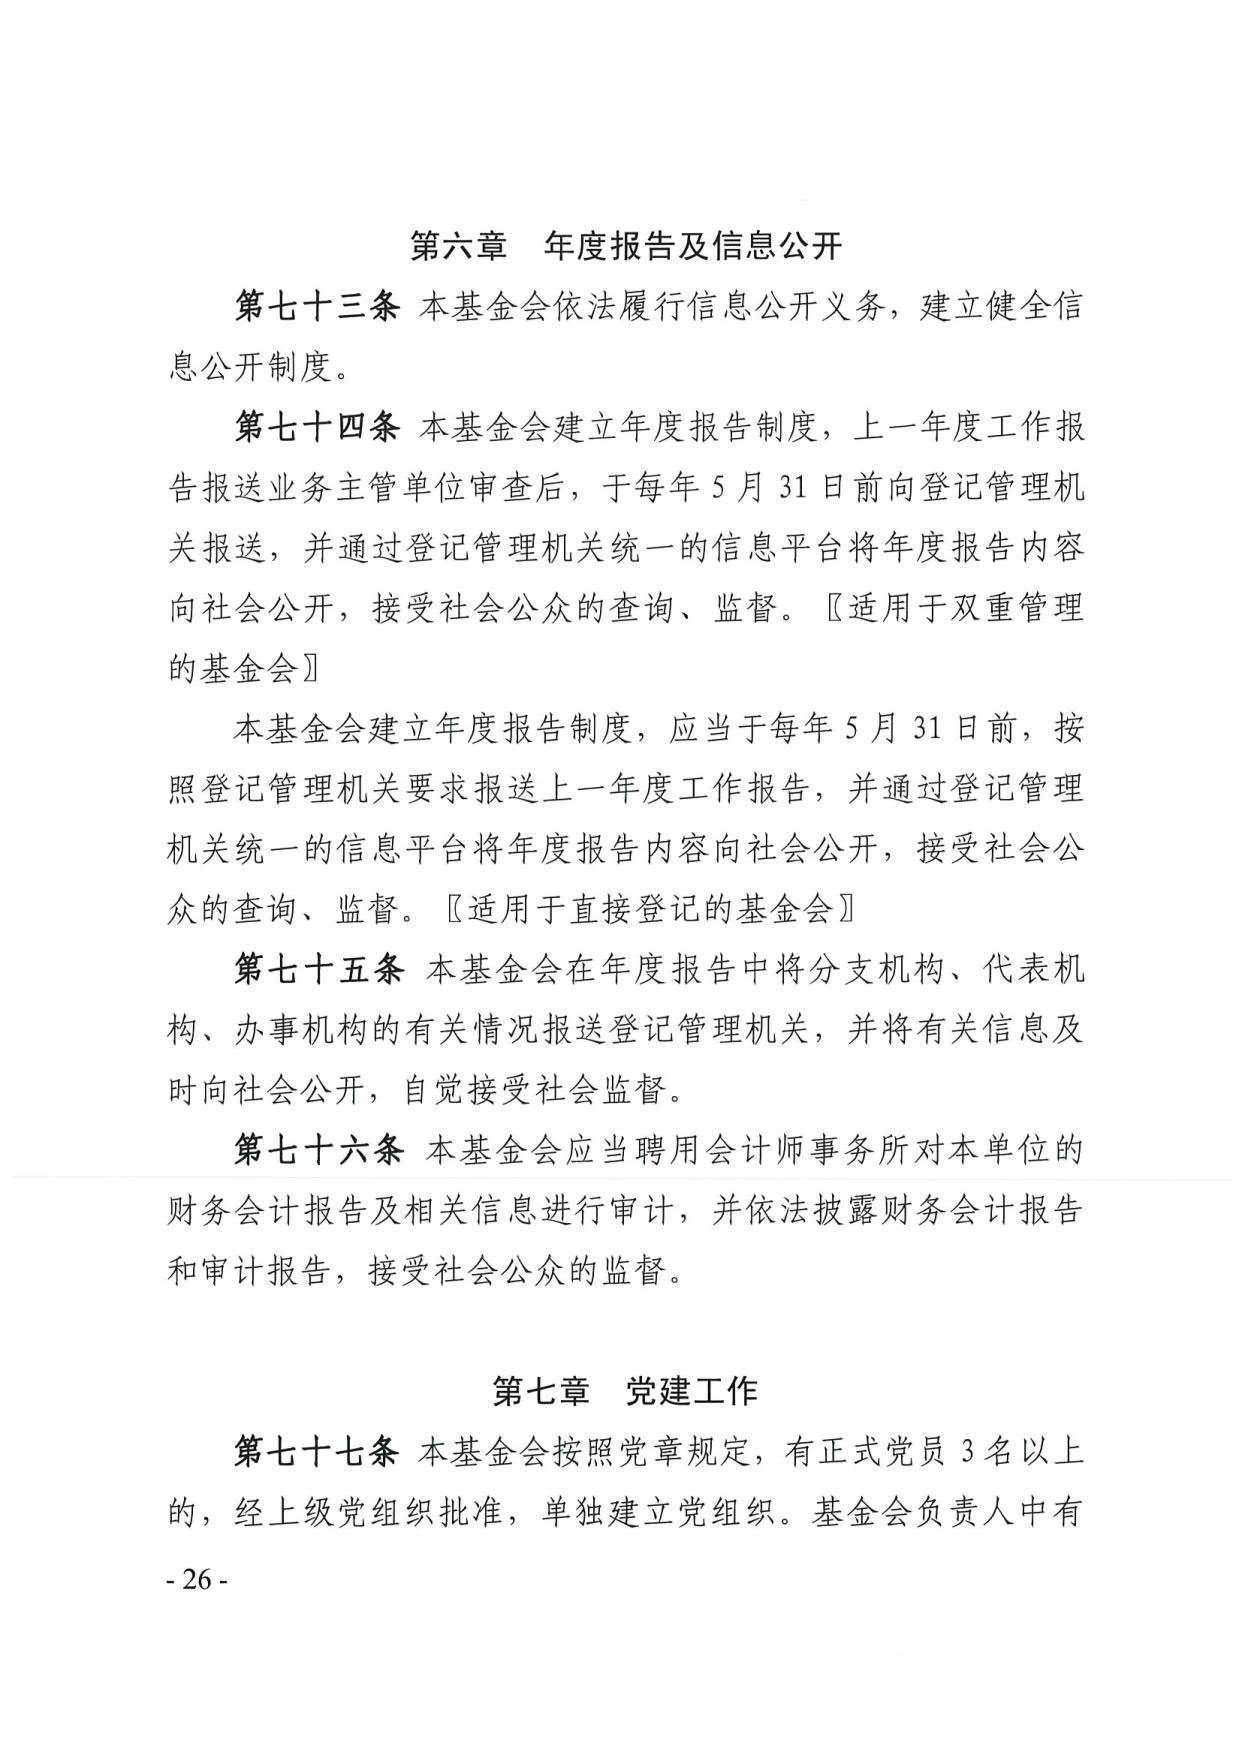 广东省民政厅关于印发《广东省基金会章程示范文本》的通知(4)_26.jpg